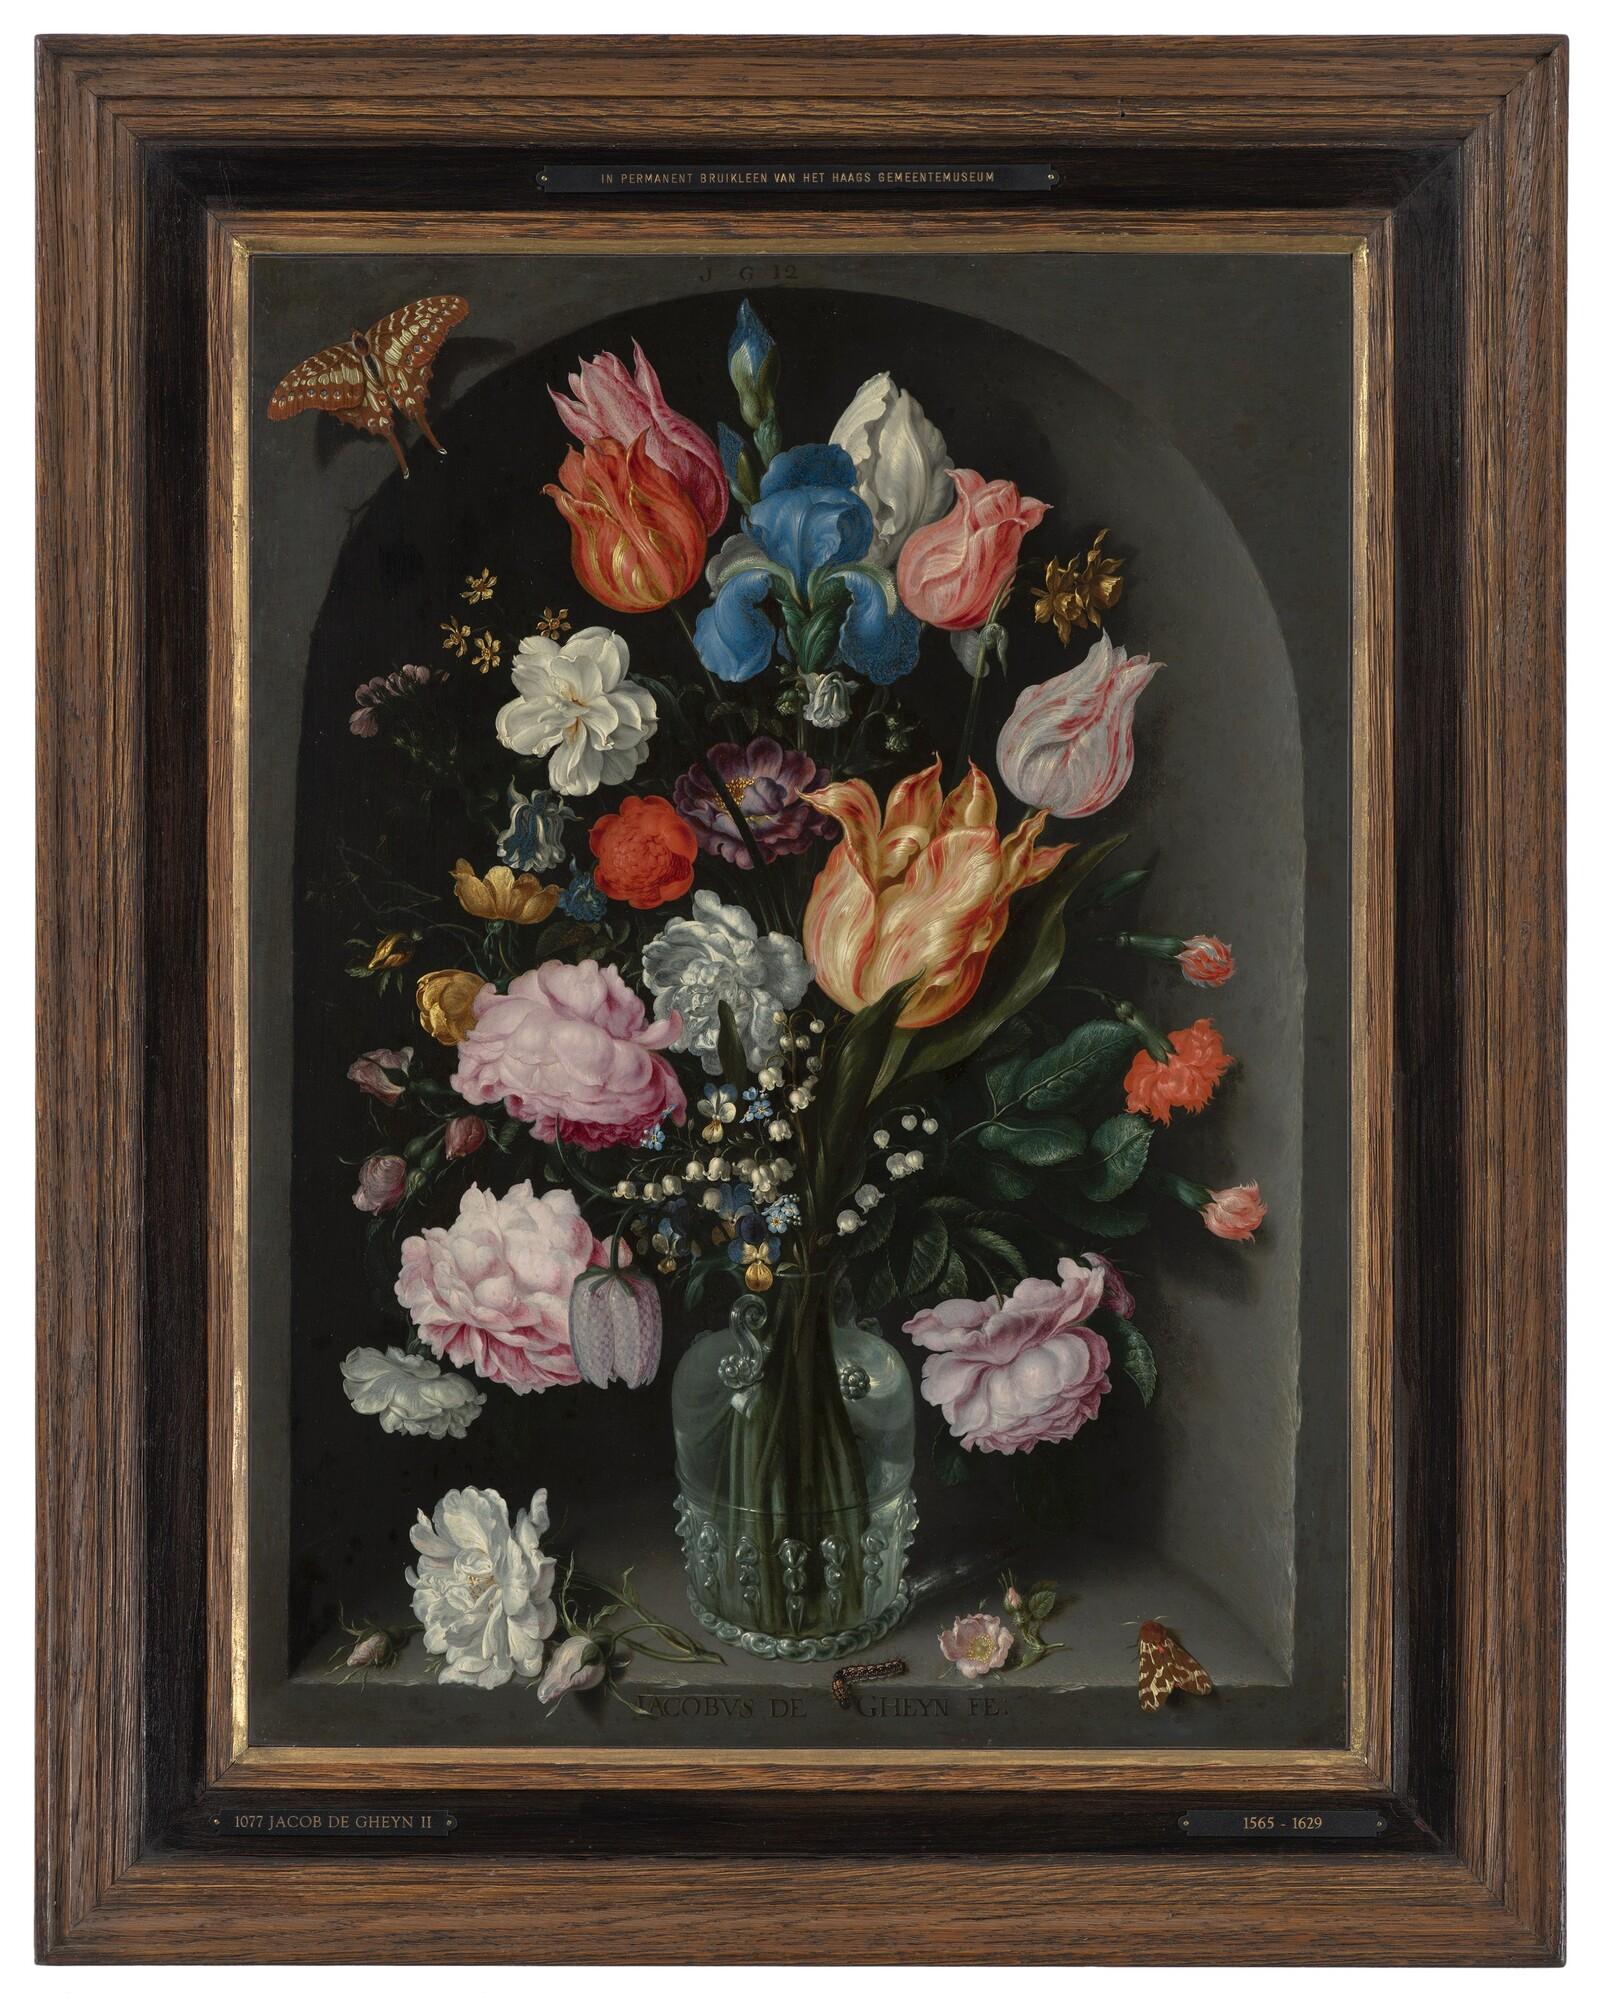 Blumen in einer Glasflasche - Jacob de Gheyn II, 1565 - 1629